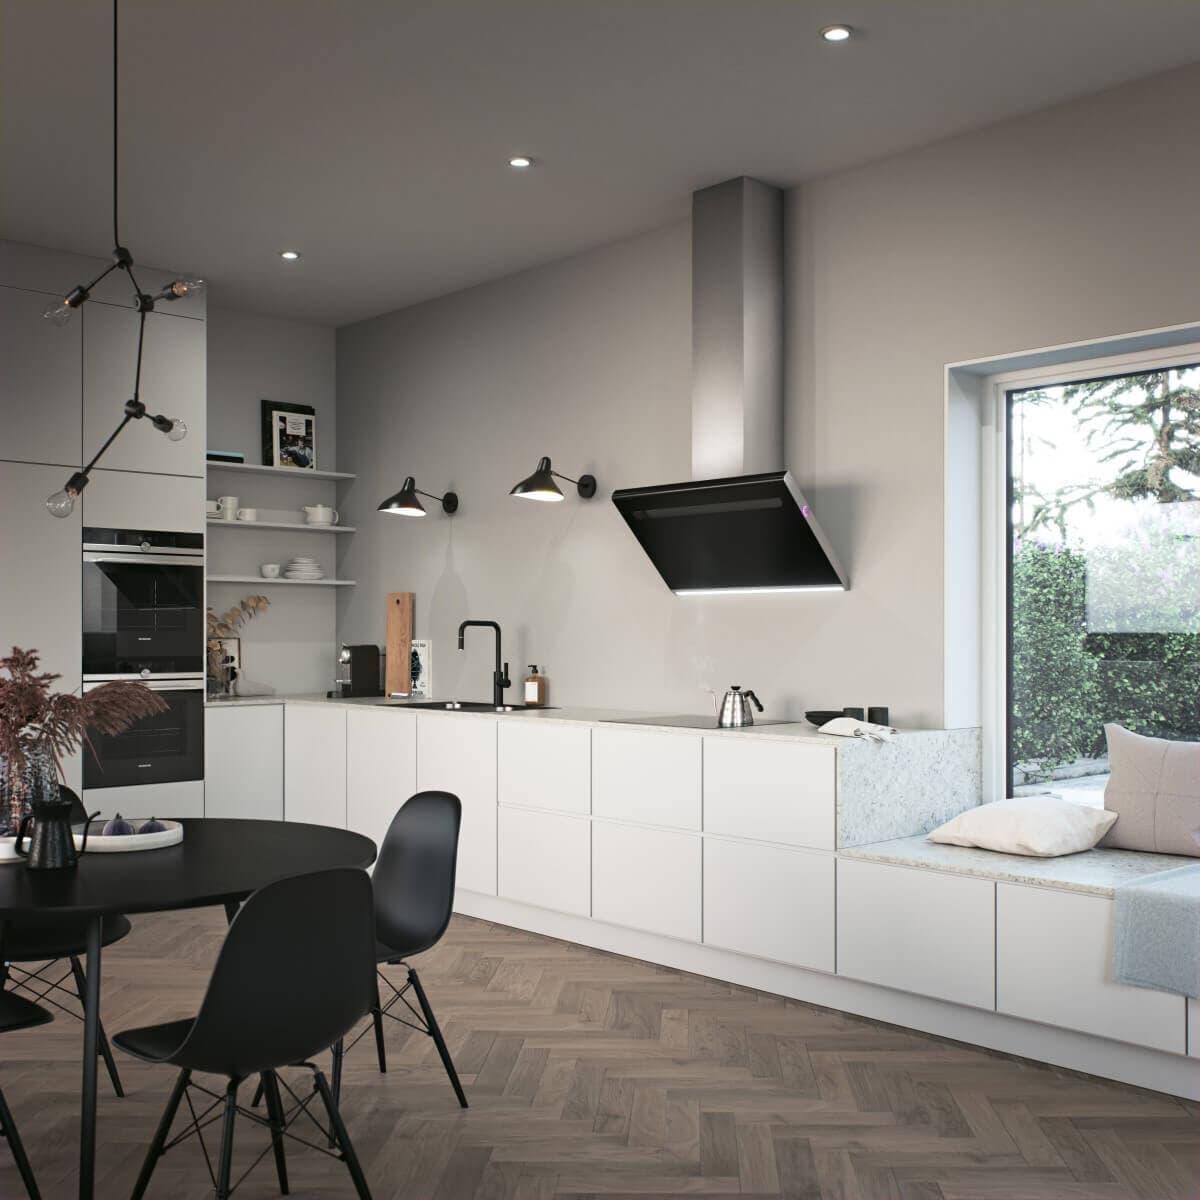 Vertikala vägghängda köksfläkten Solo i svart utförande för kontrast mot vita köksluckor i modern köksmiljö.